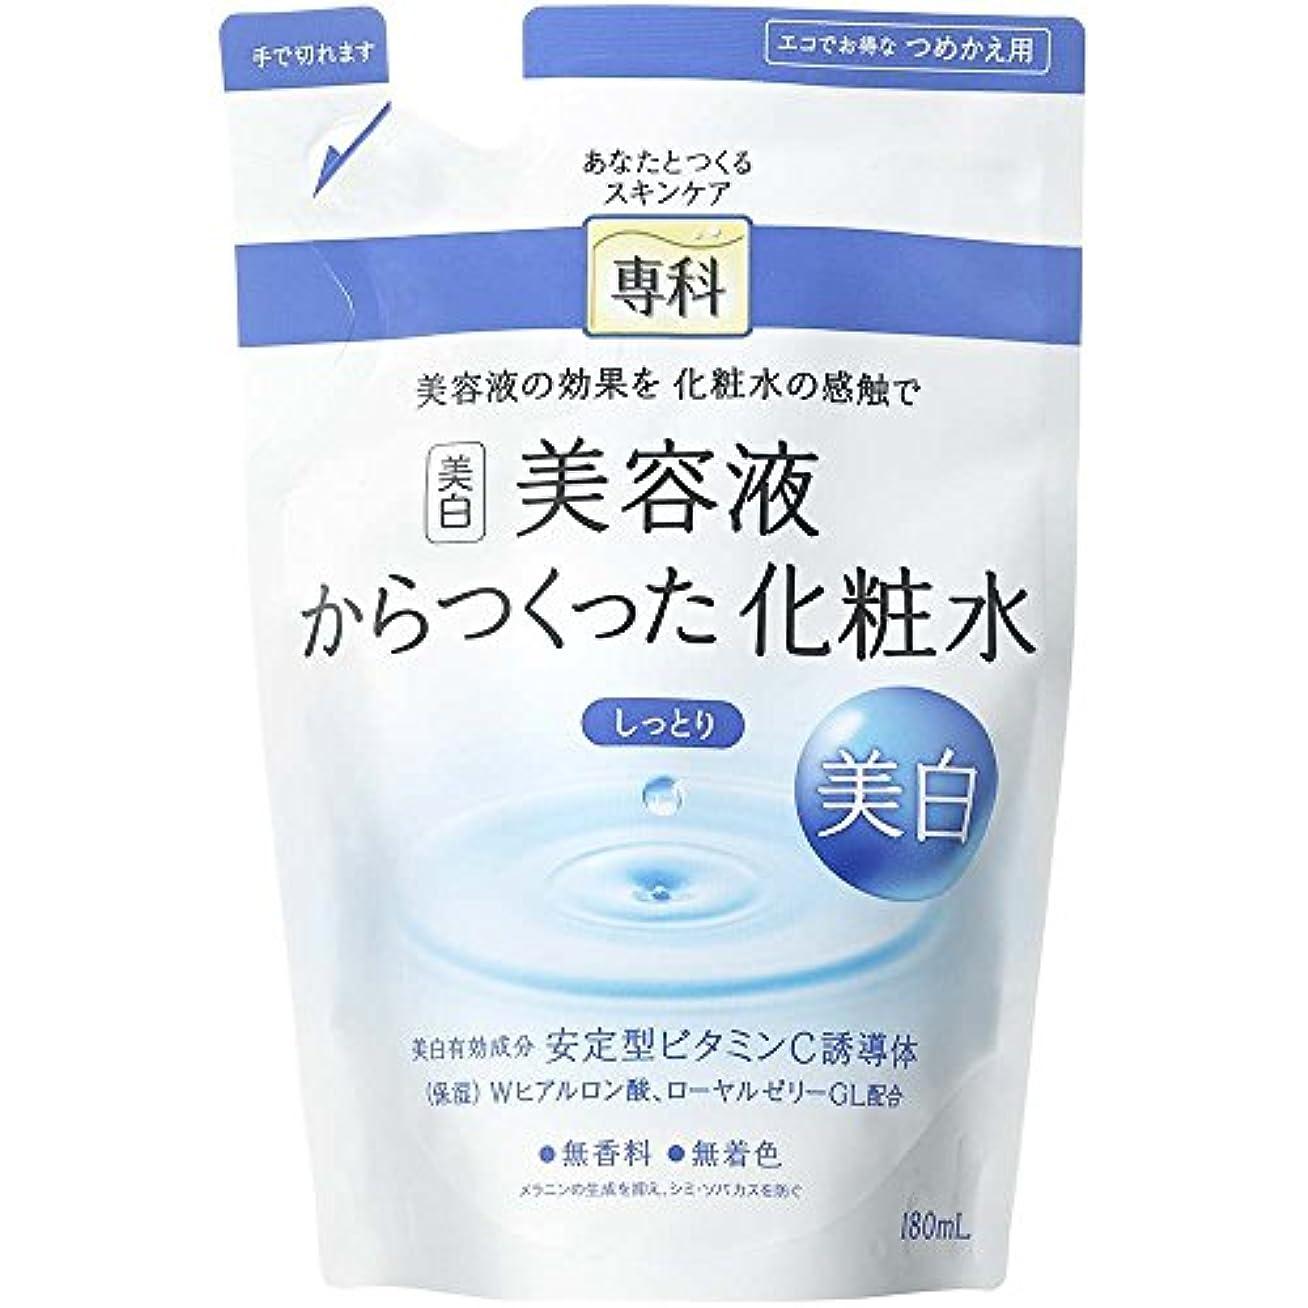 コメンテーター雪のまもなく専科 美容液からつくった化粧水 しっとり 美白 詰め替え用 180ml